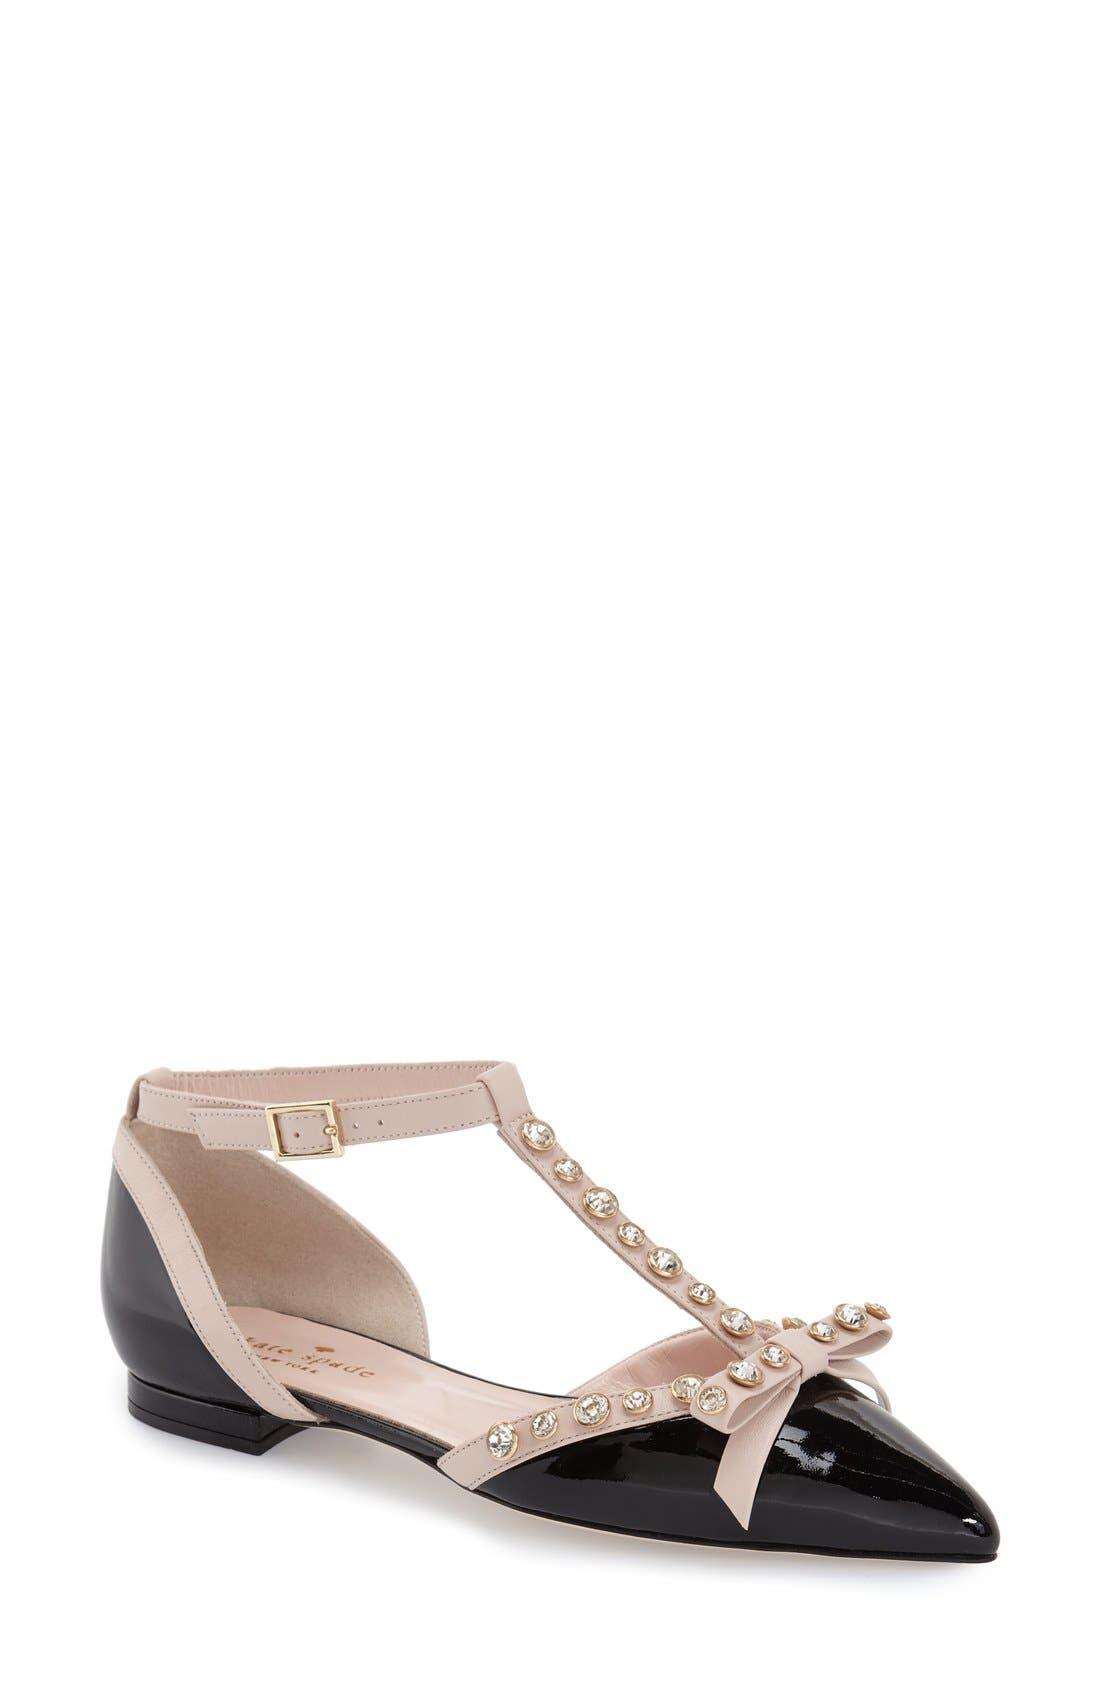 Alternate Image 1 Selected - kate spade new york 'becca' t-strap sandal (women)